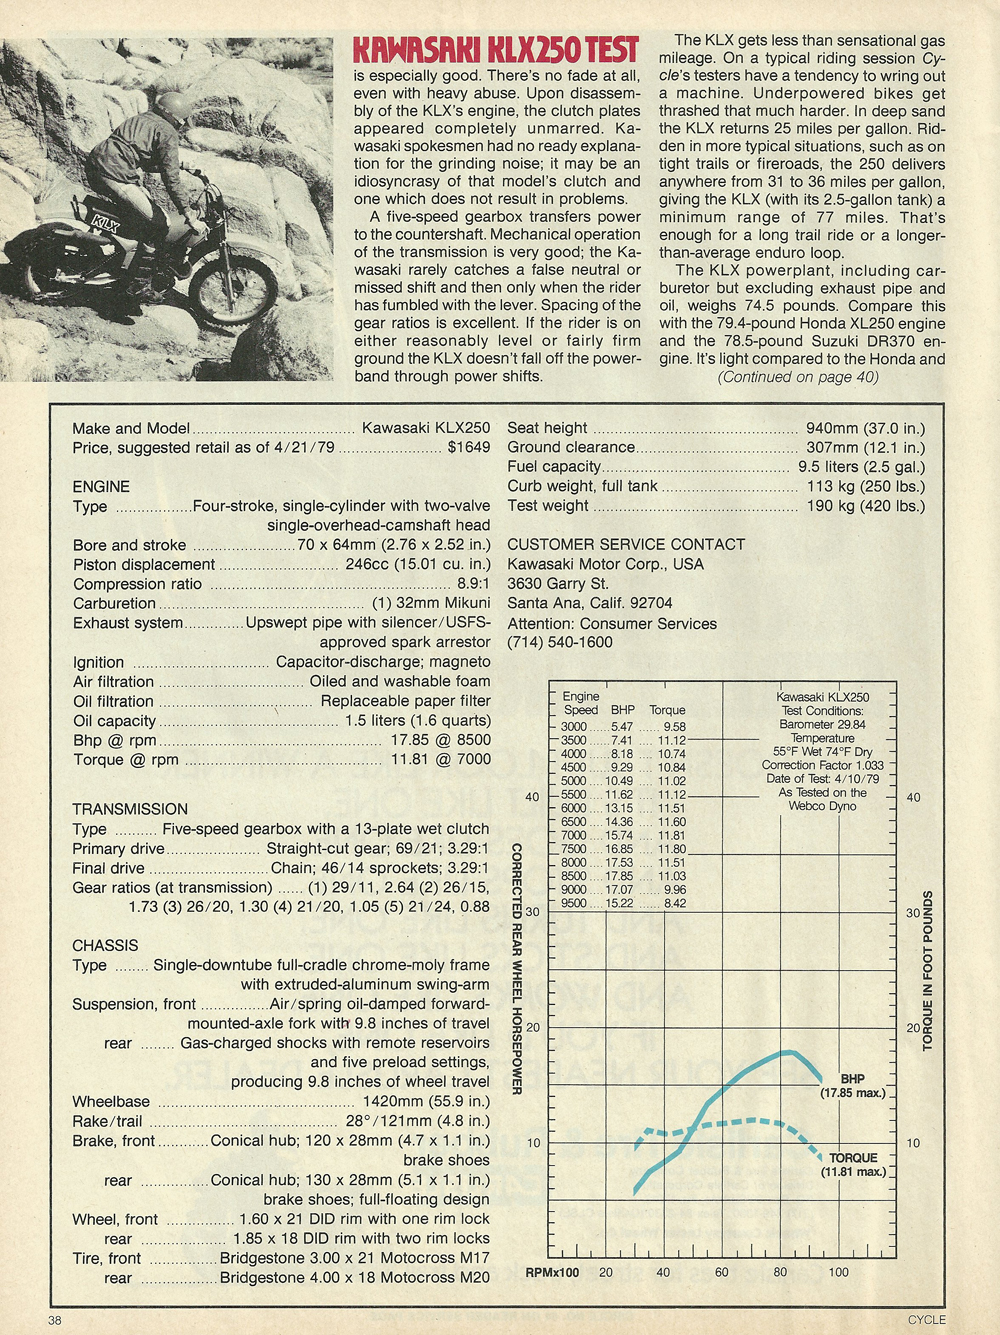 1979 Kawasaki KLX250 off road test 8.jpg